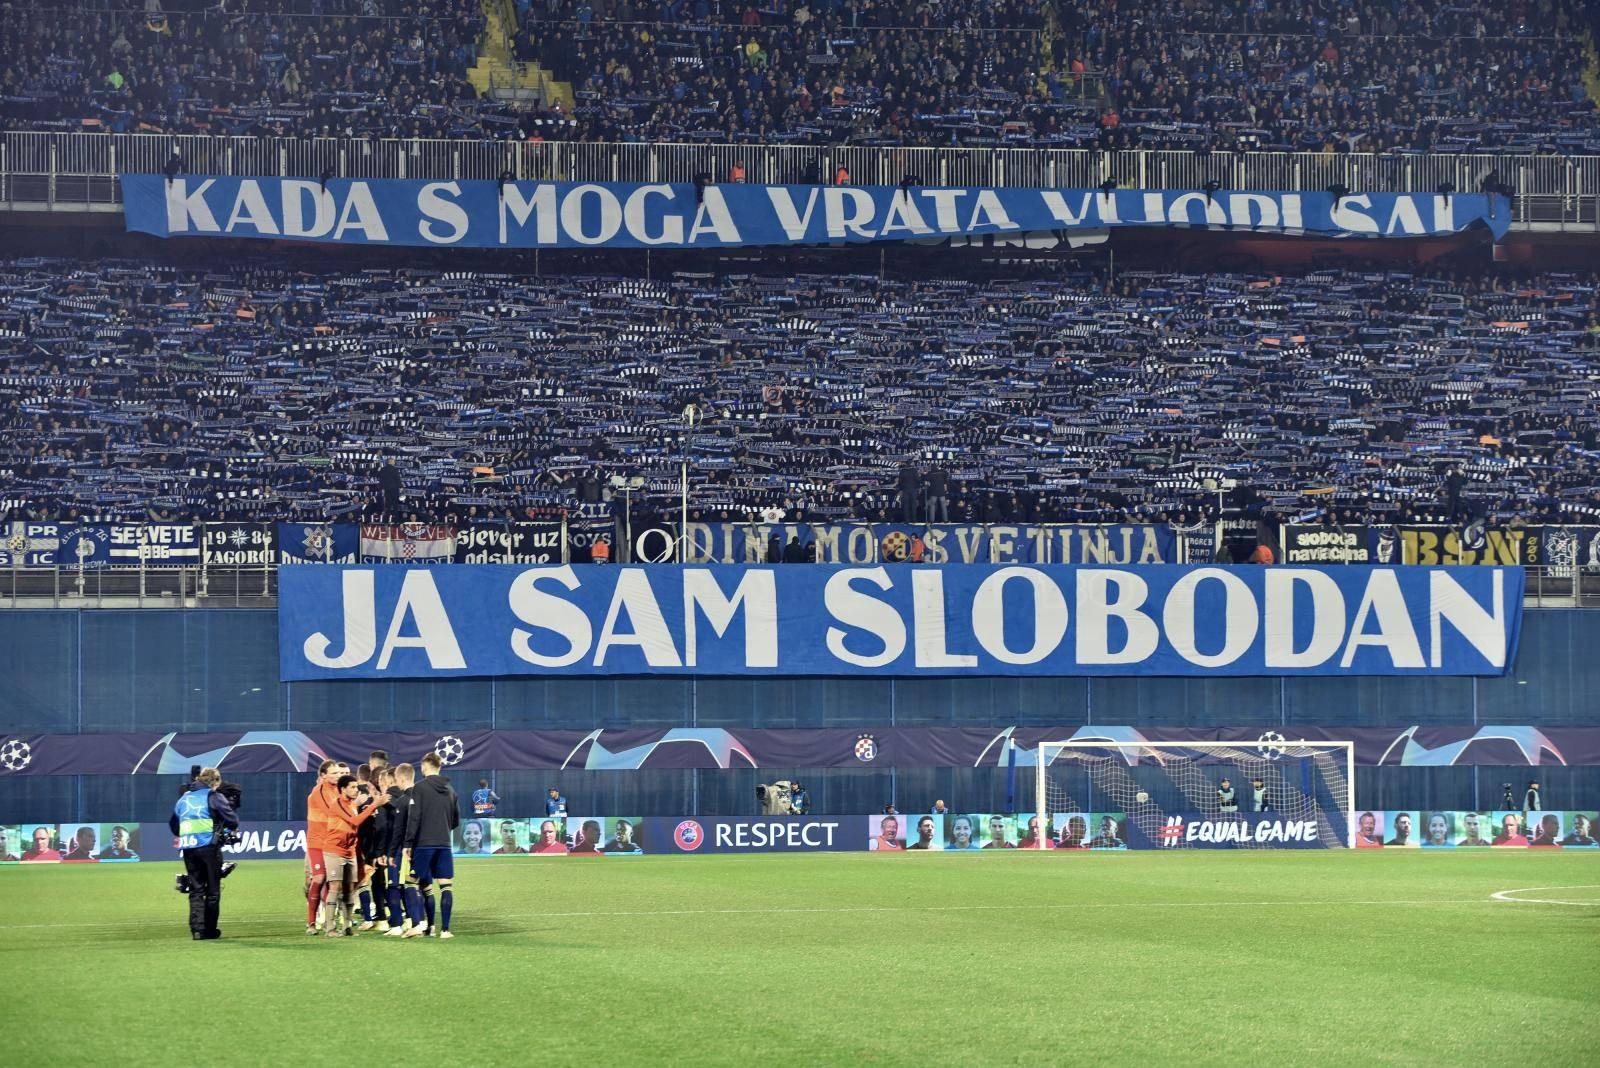 Atmosfera na maksimirskom stadionu na utakmici Lige prvaka između Dinama i Šahtara